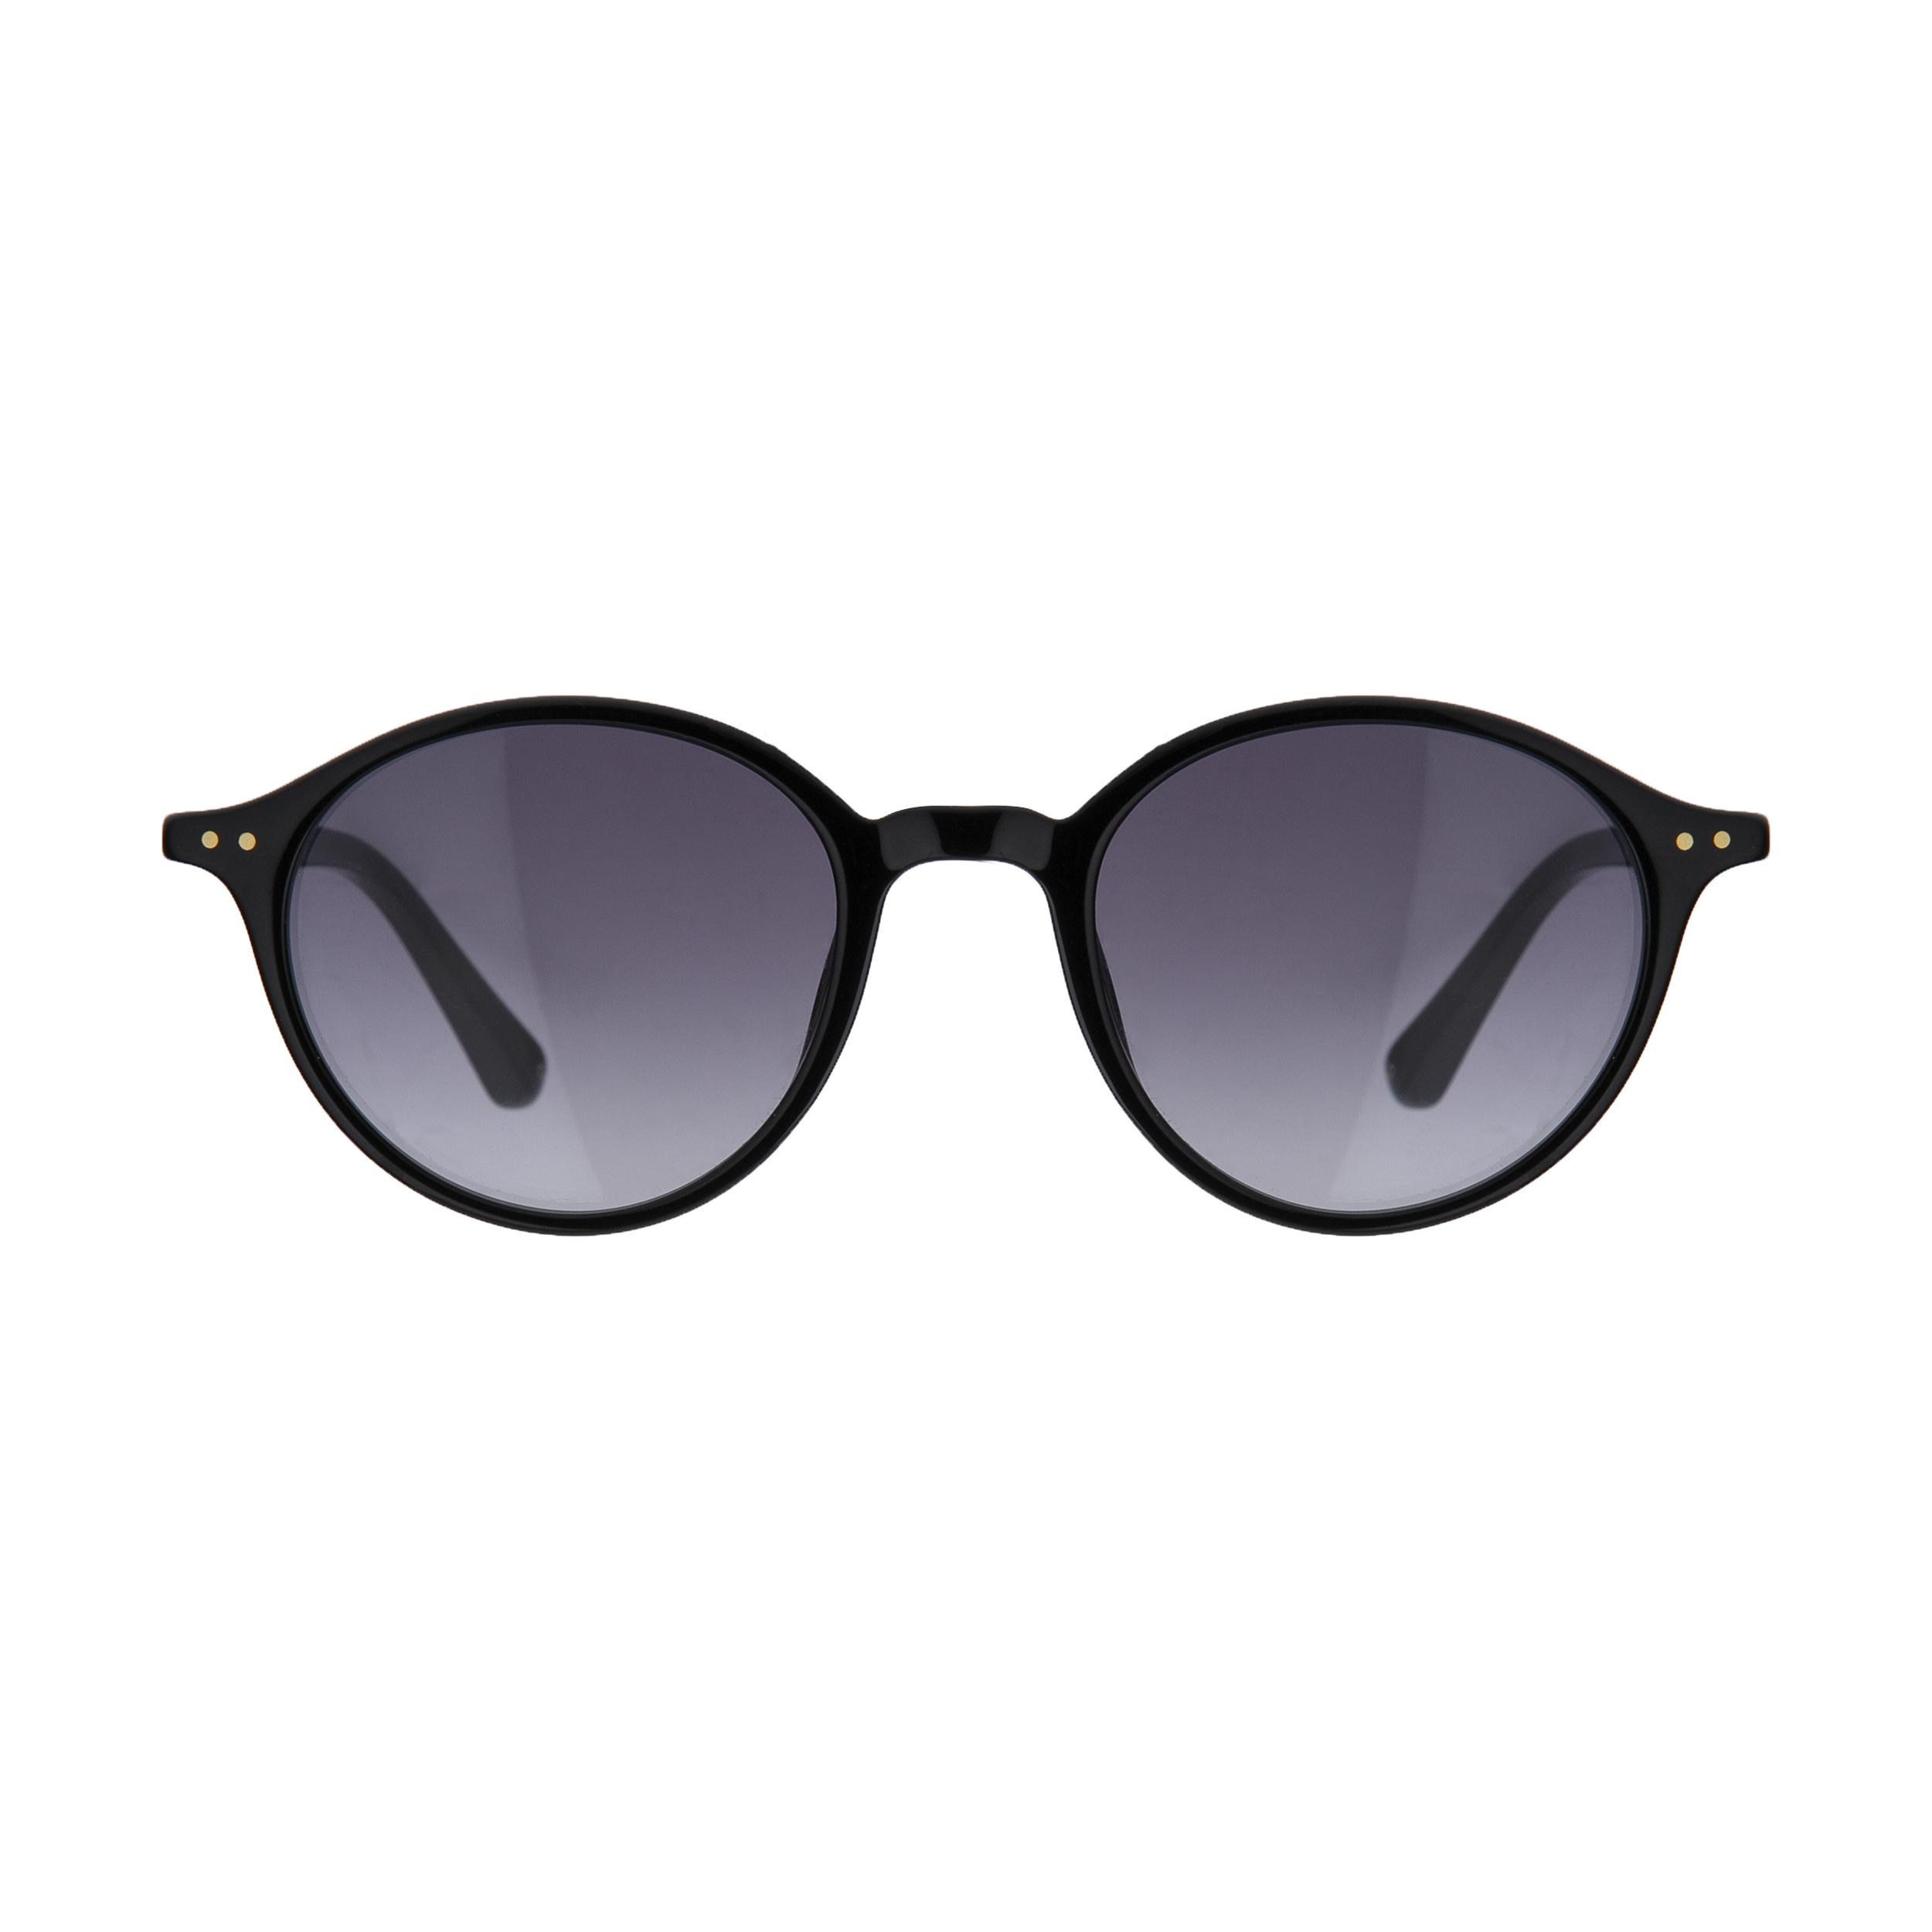 عینک آفتابی زنانه تد بیکر مدل TB 1538 OO7